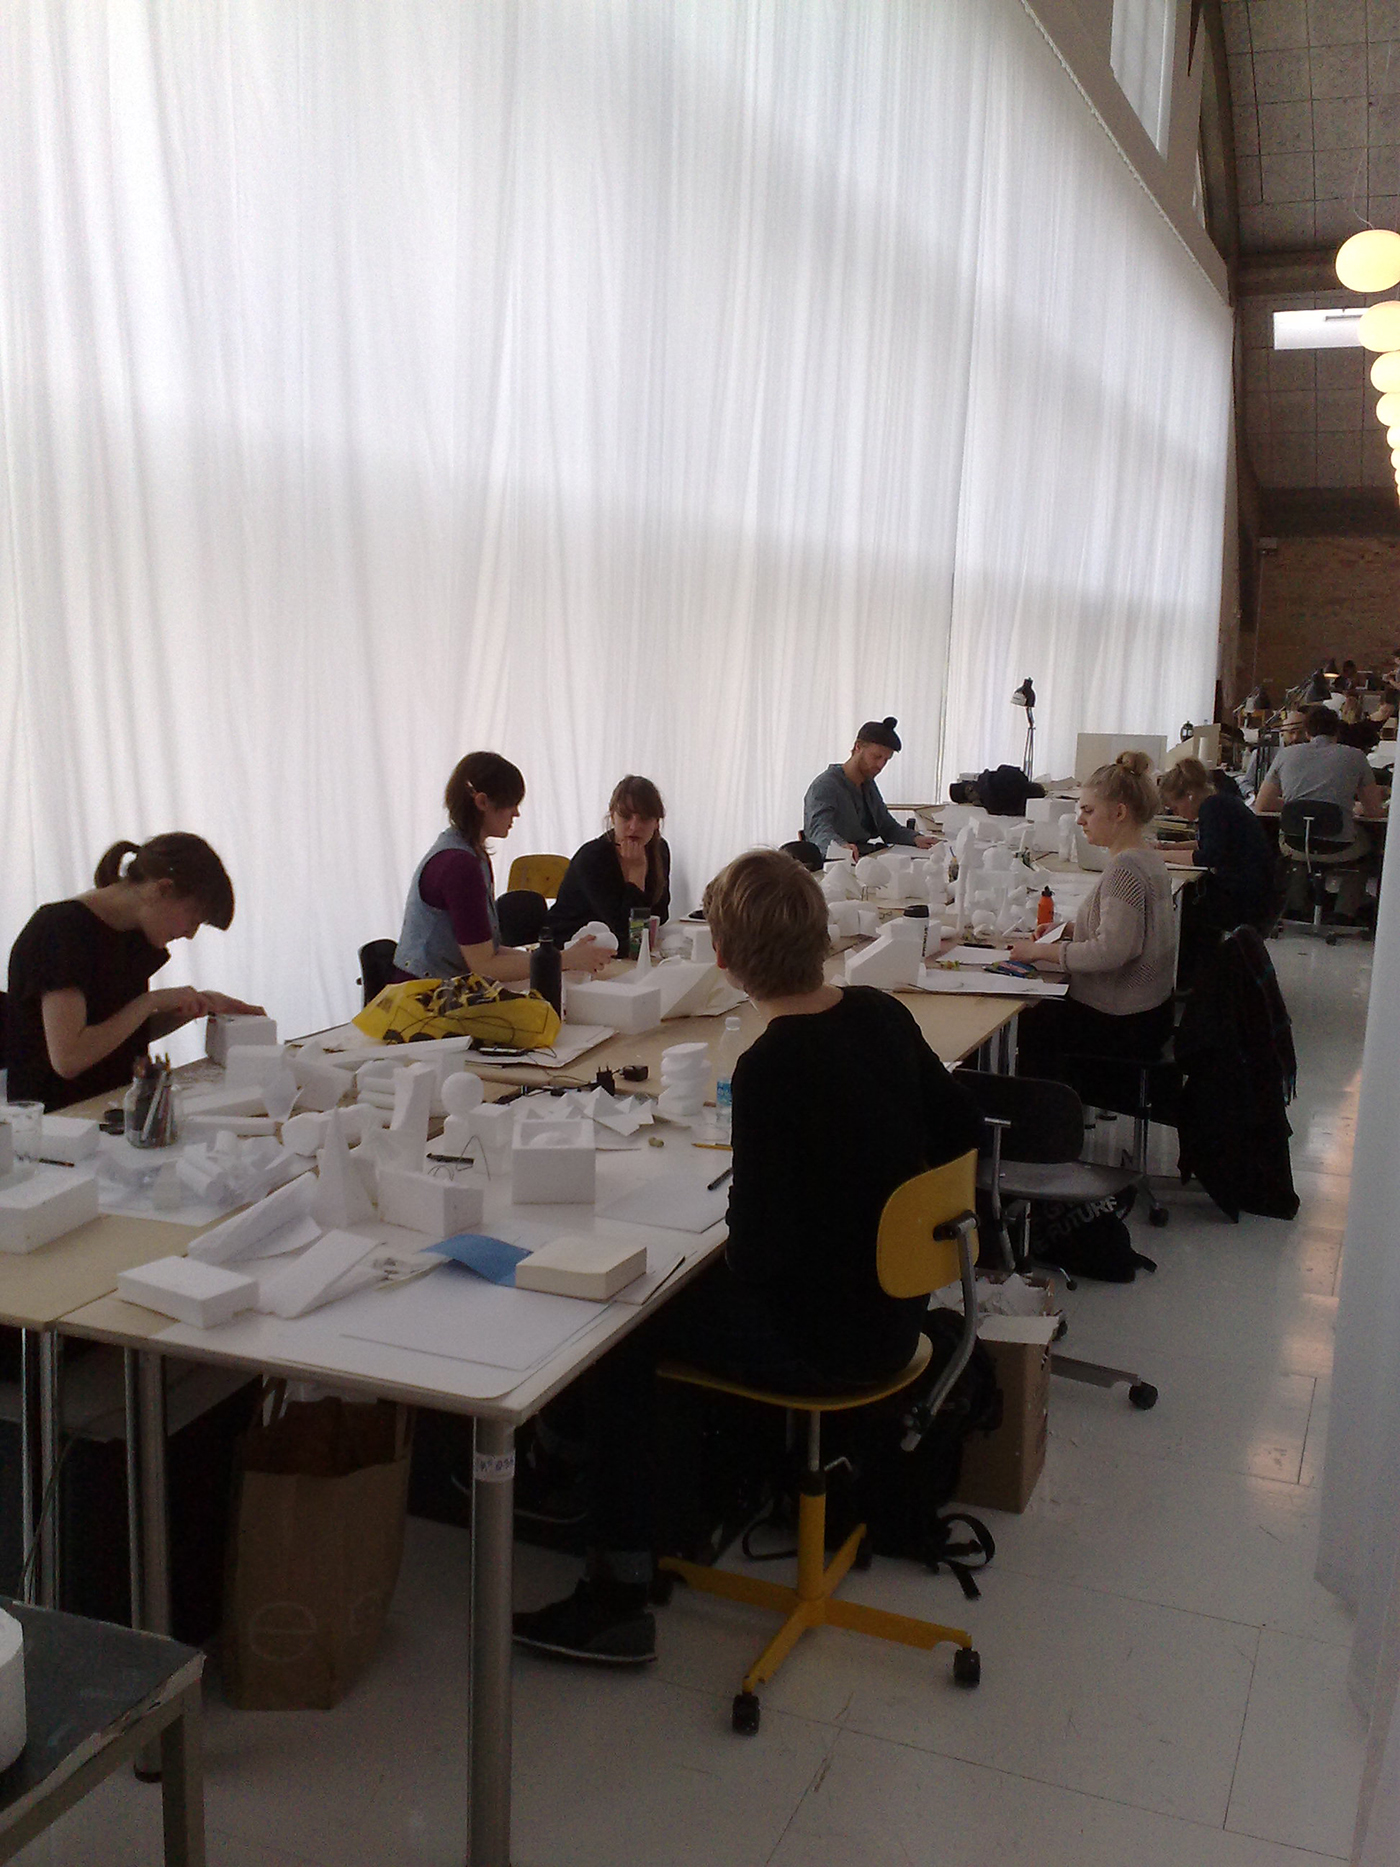 Teaching at Denmarks Design School 2005-2014